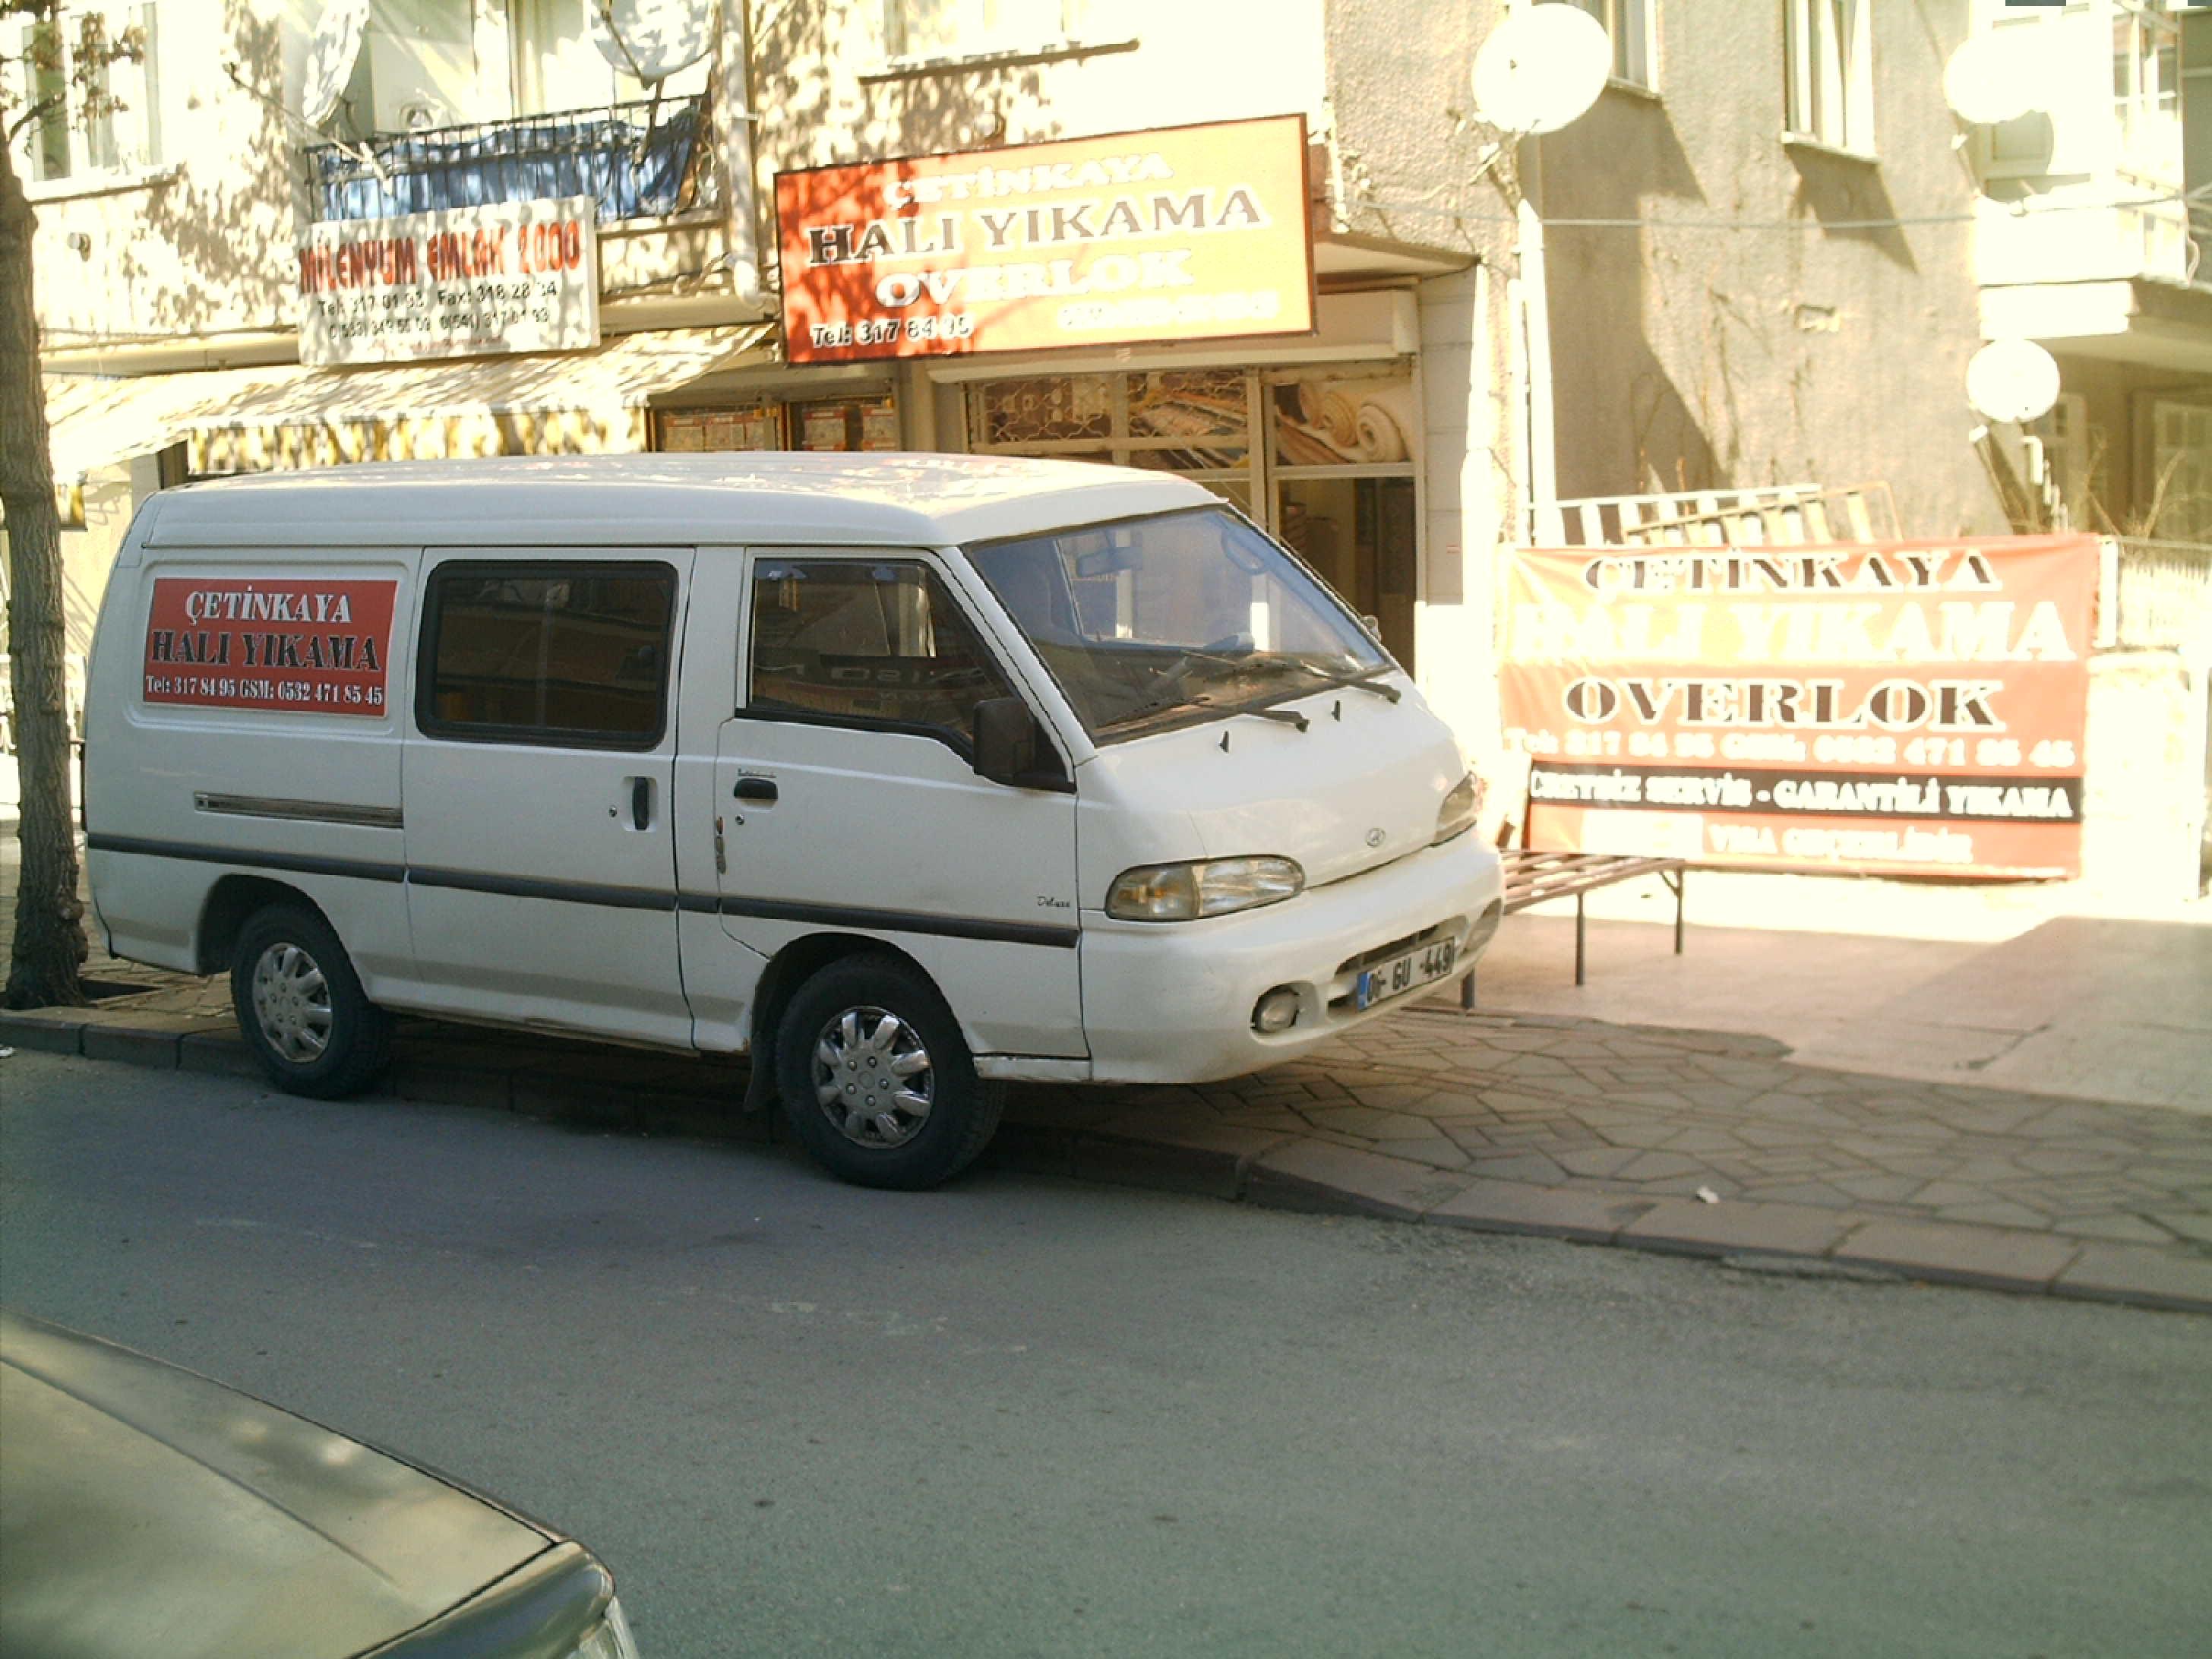 önder_gazi_yikama_servis-1 (1)